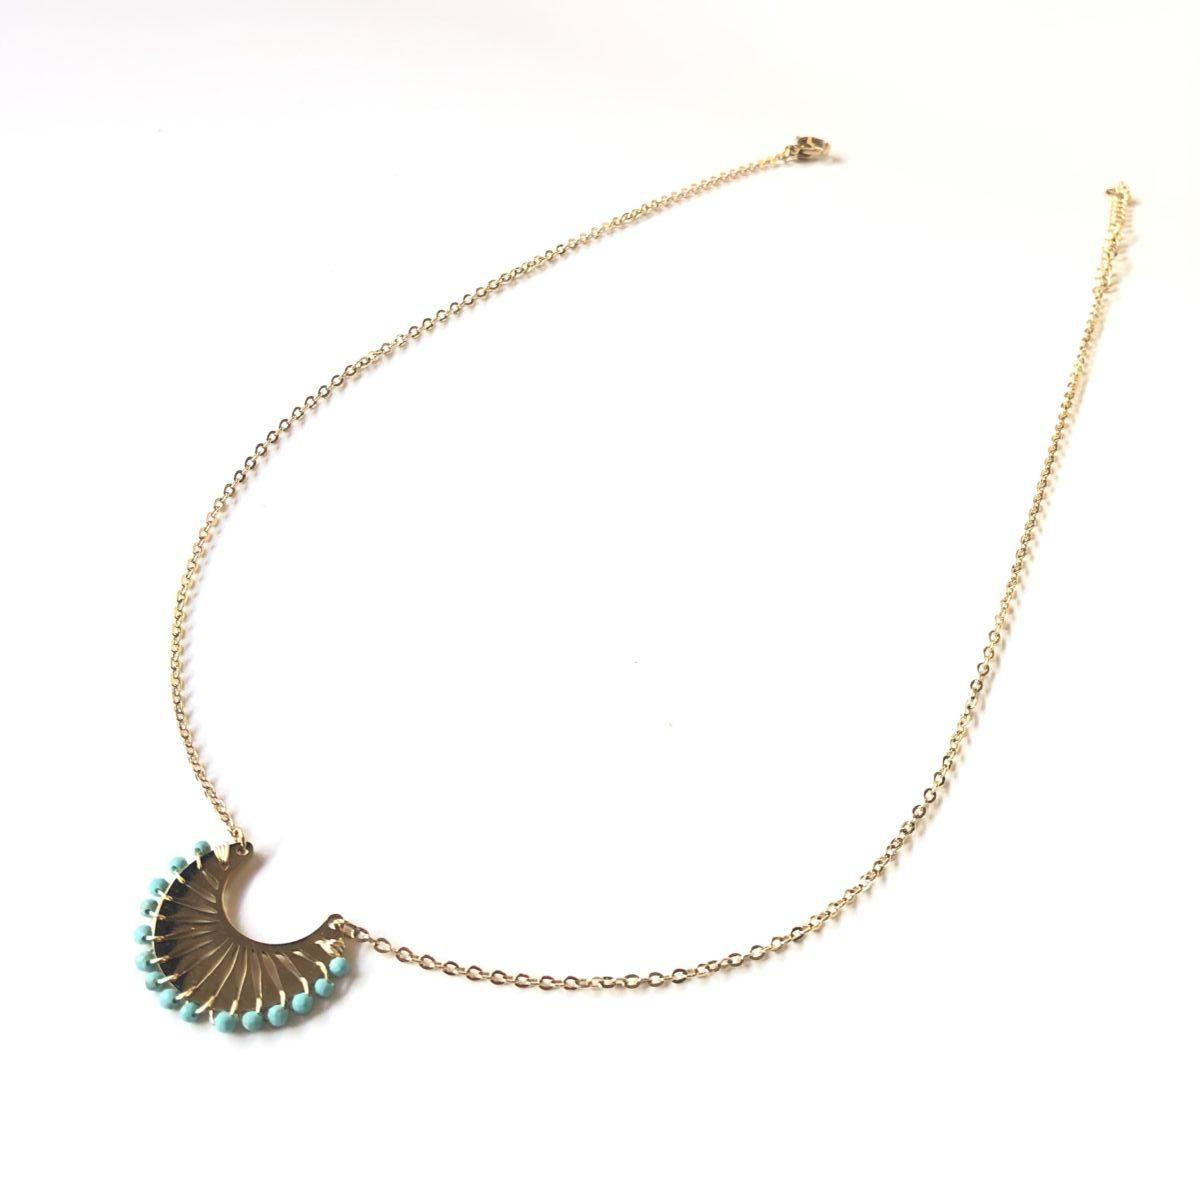 collier chaine pendentif ras du cou doré et turquoise by destele